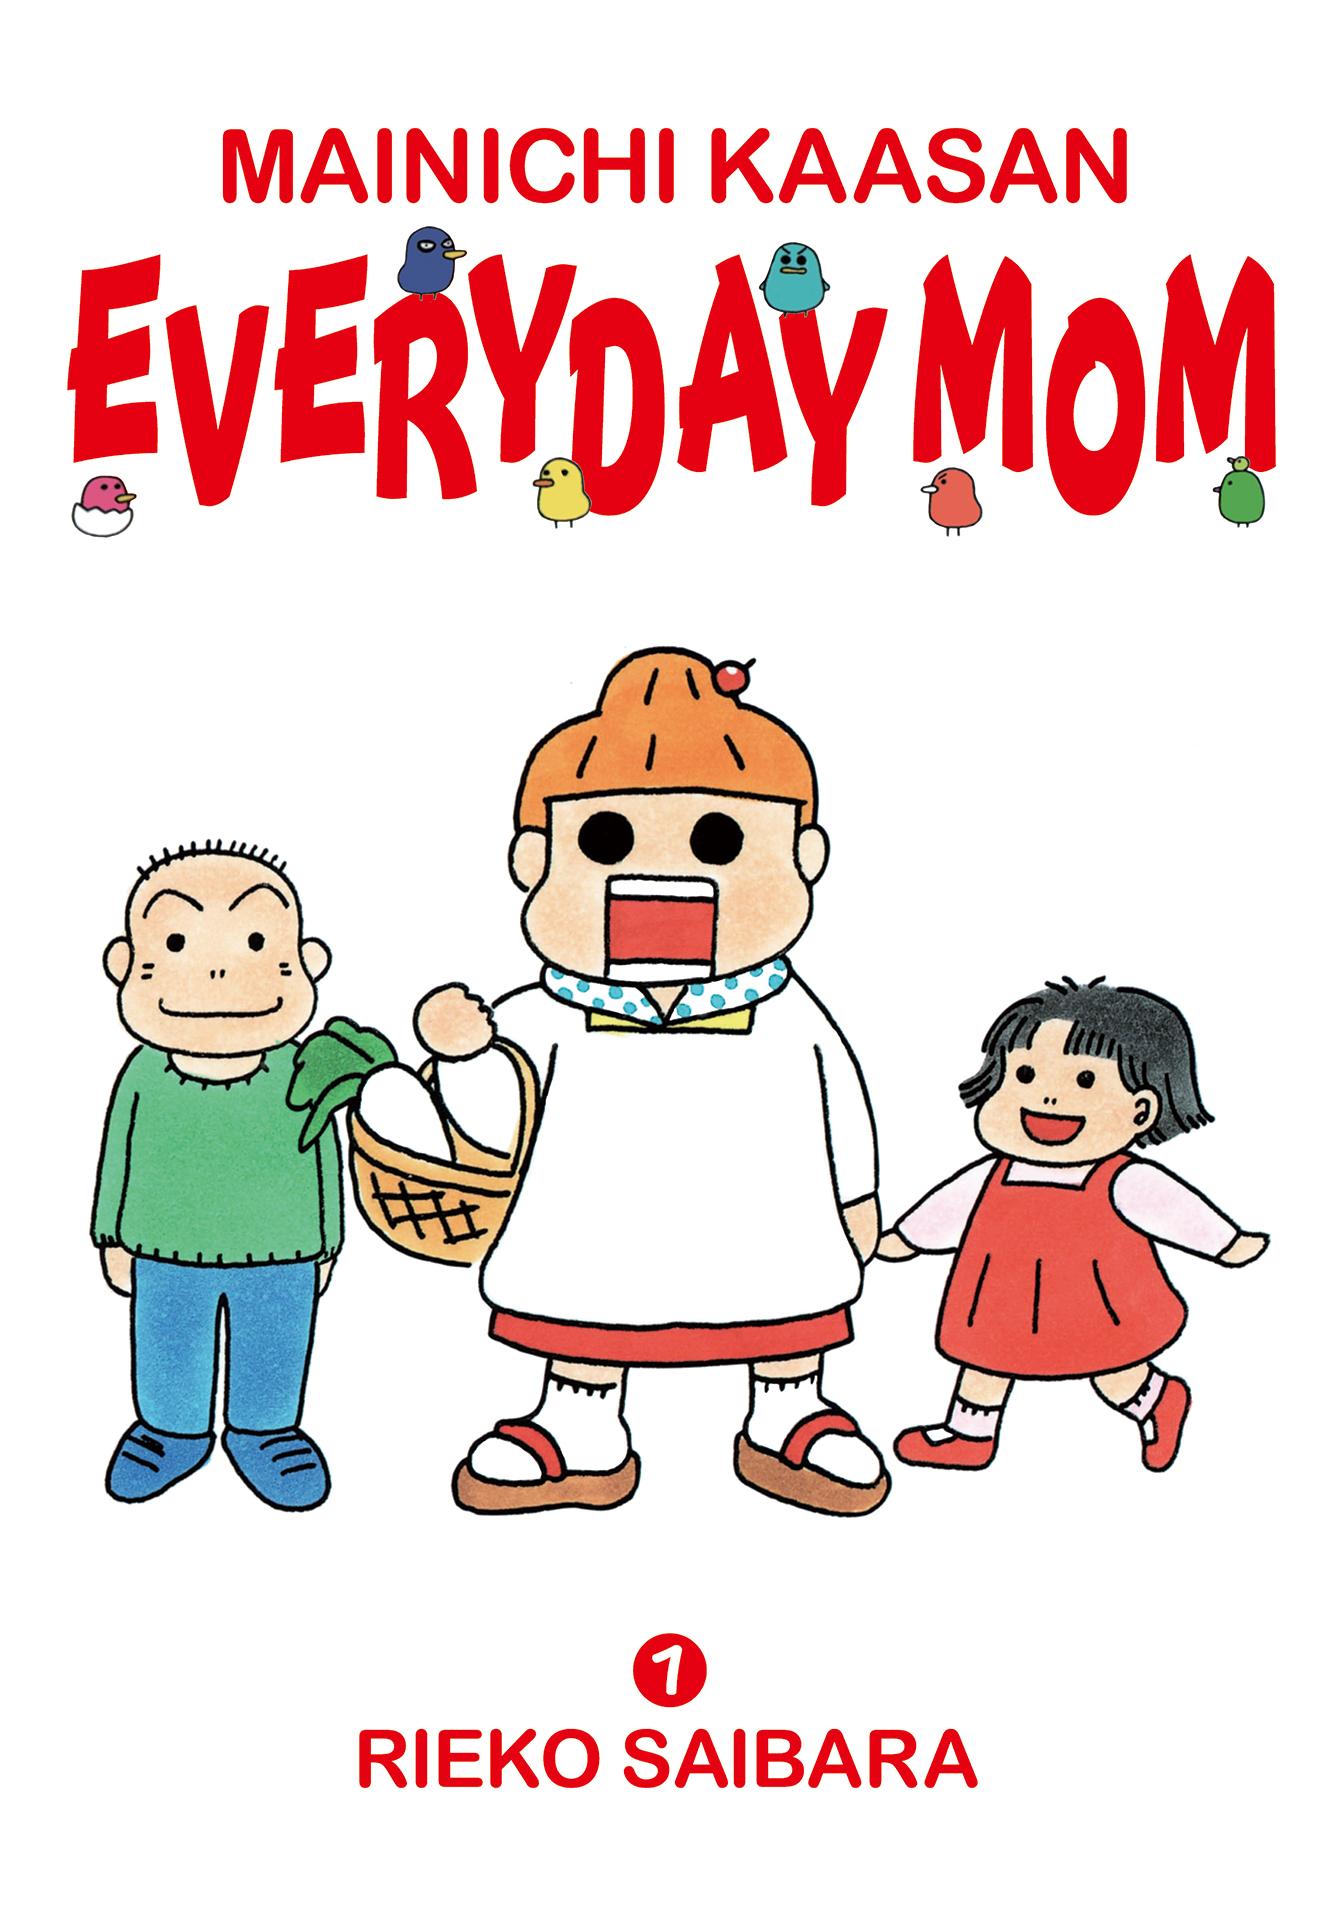 書影:MAINICHI KAASAN: EVERYDAY MOM 1